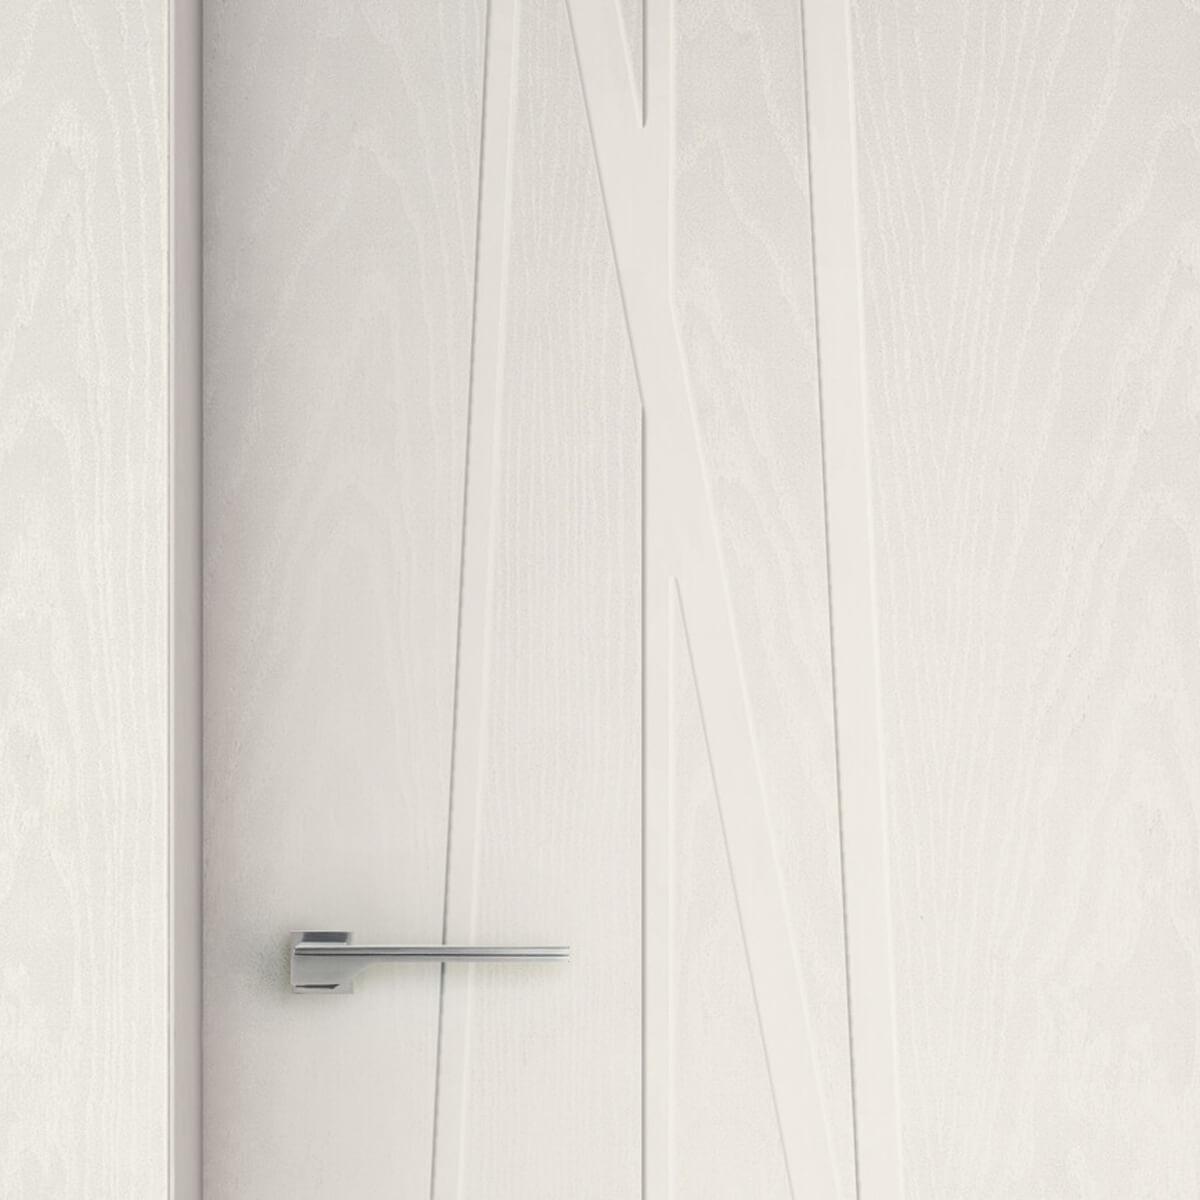 Imago - dettaglio porta incisione su frassino bianco